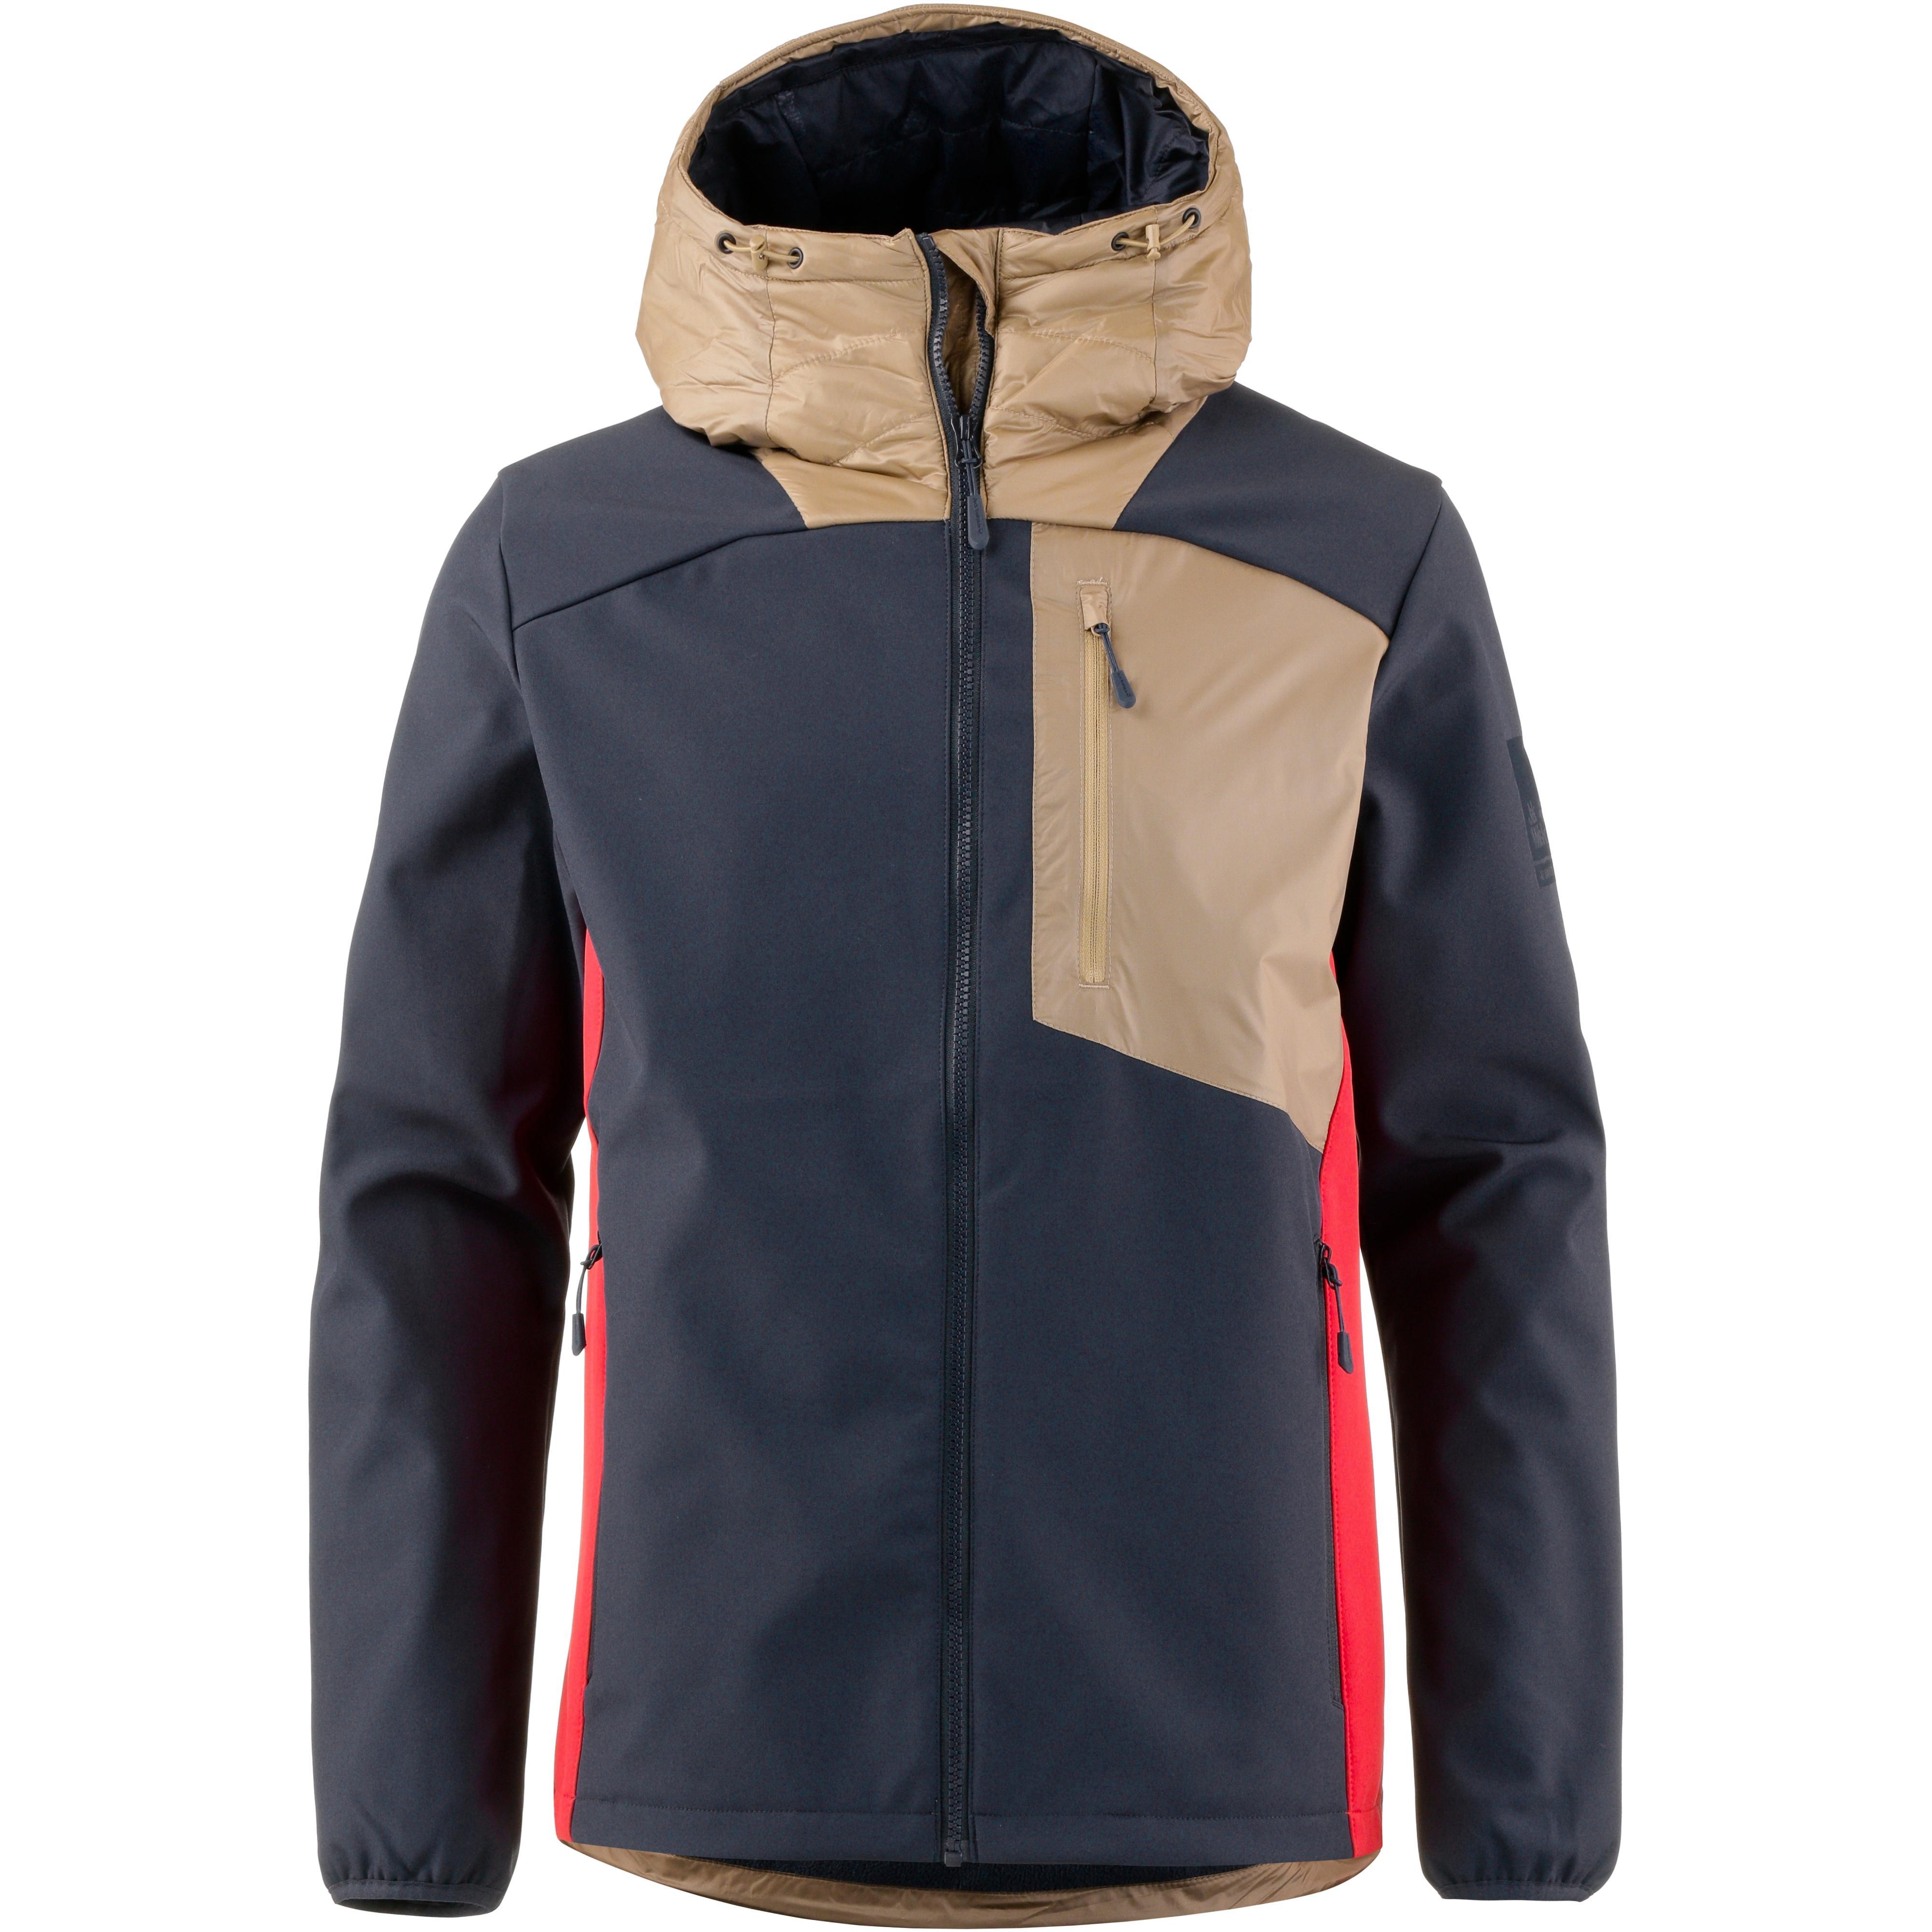 quality design 3cd1d 1e8d9 Jack Wolfskin 365 MILLENIUM Softshelljacke Herren night blue peak red im  Online Shop von SportScheck kaufen